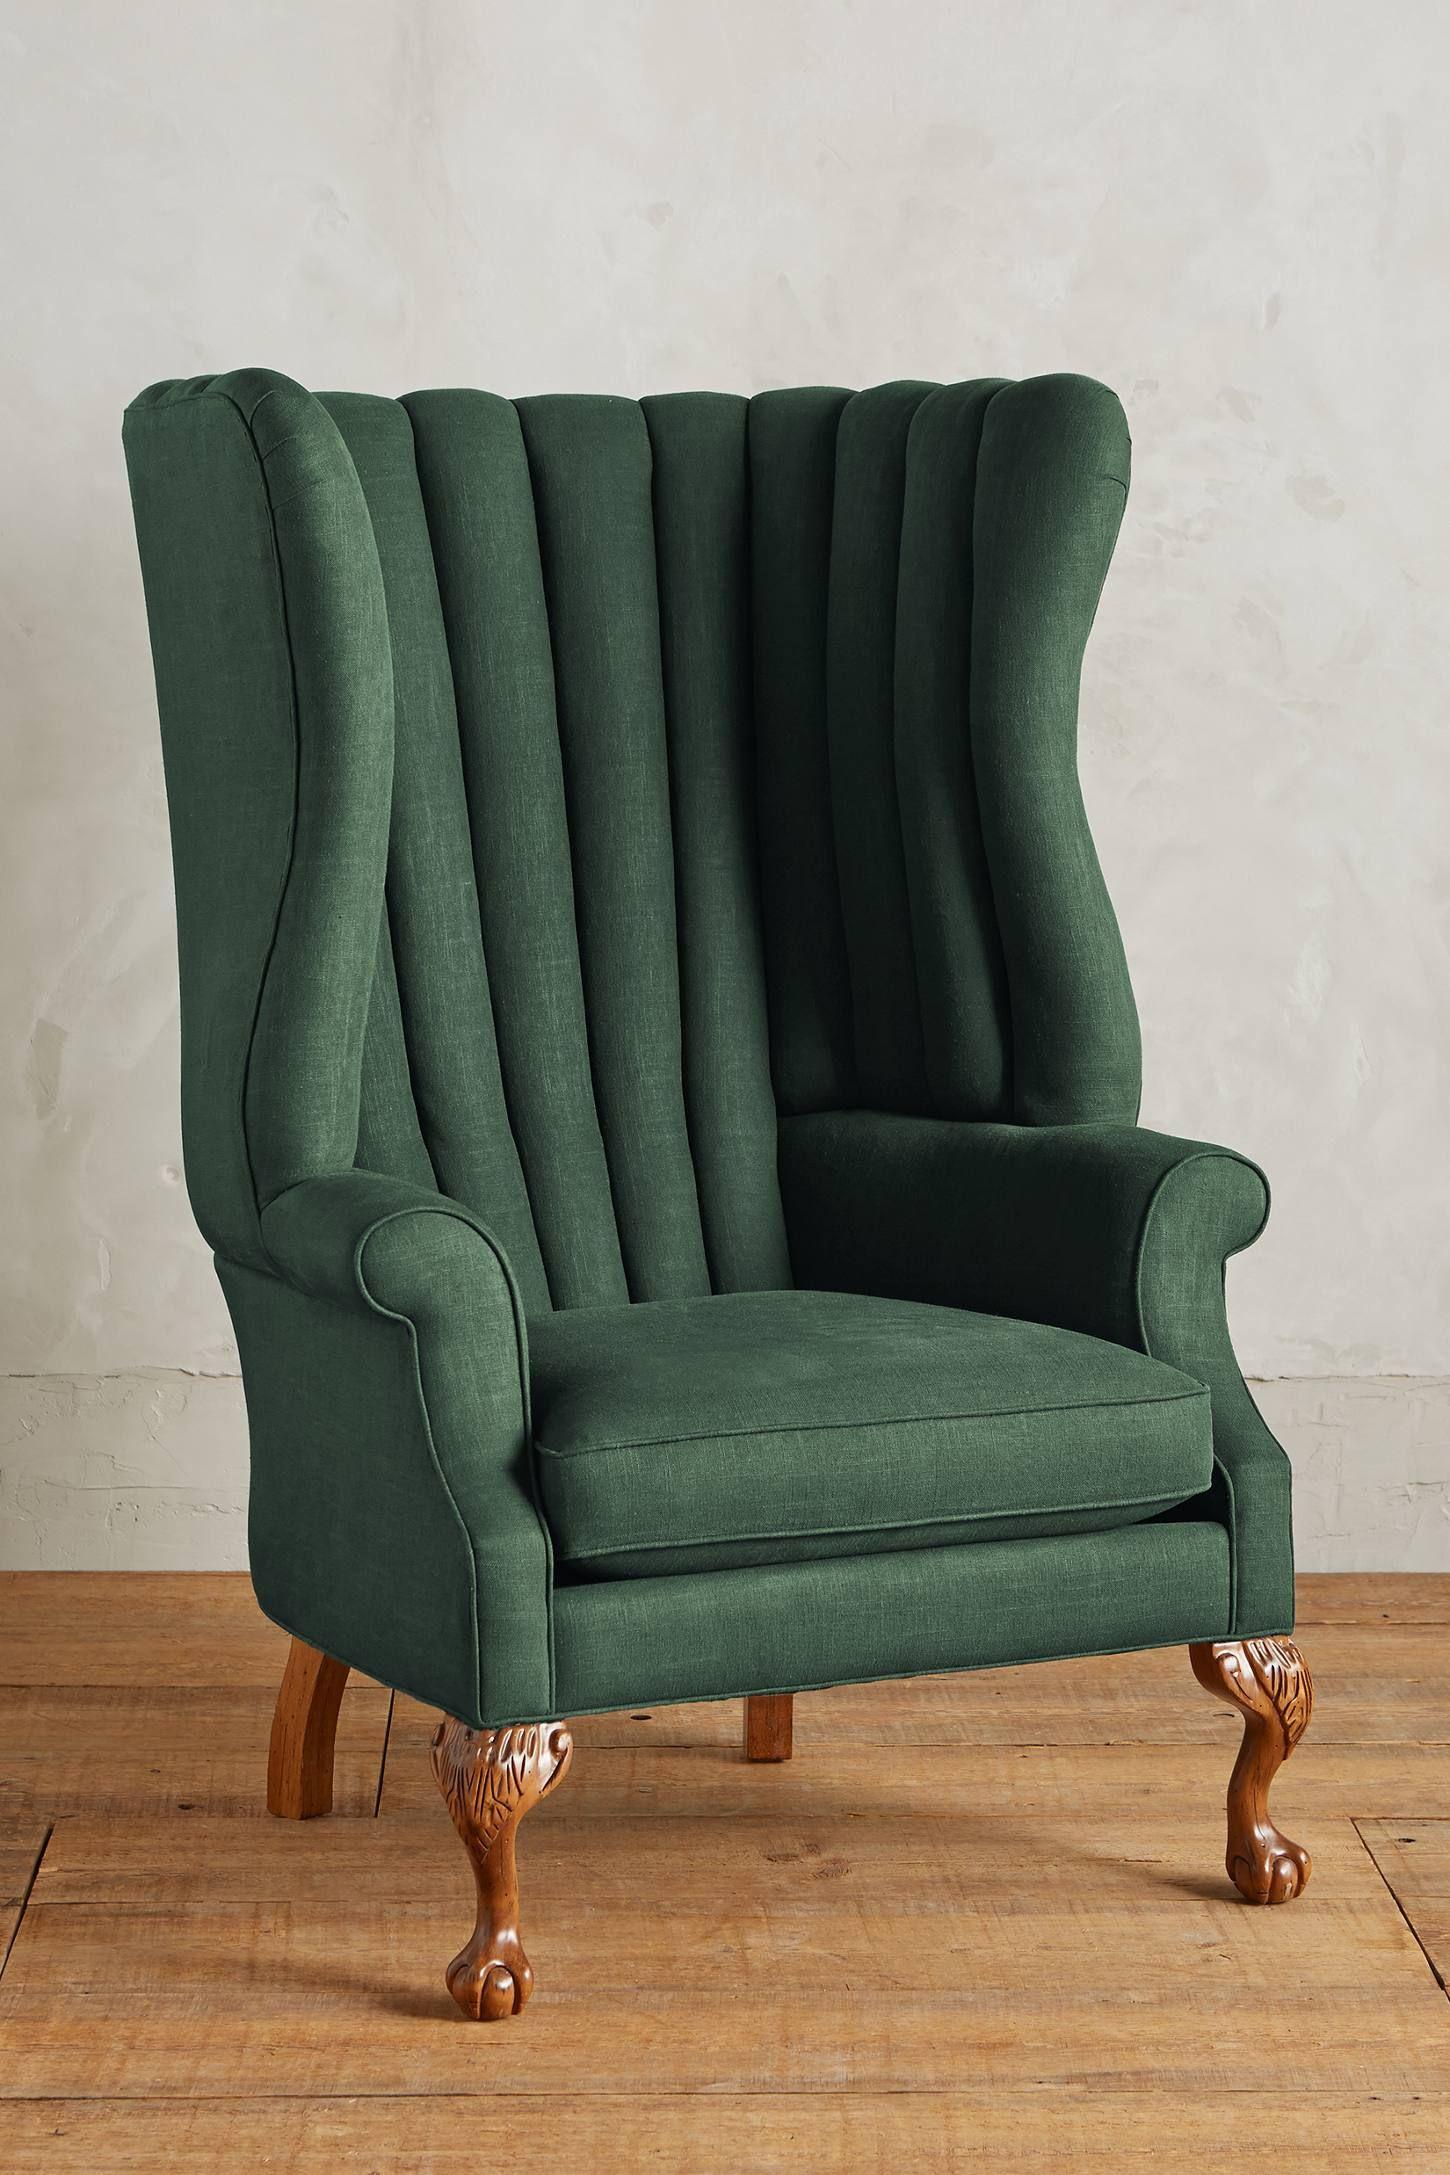 Best Linen English Fireside Chair Chair Anthropologie 400 x 300